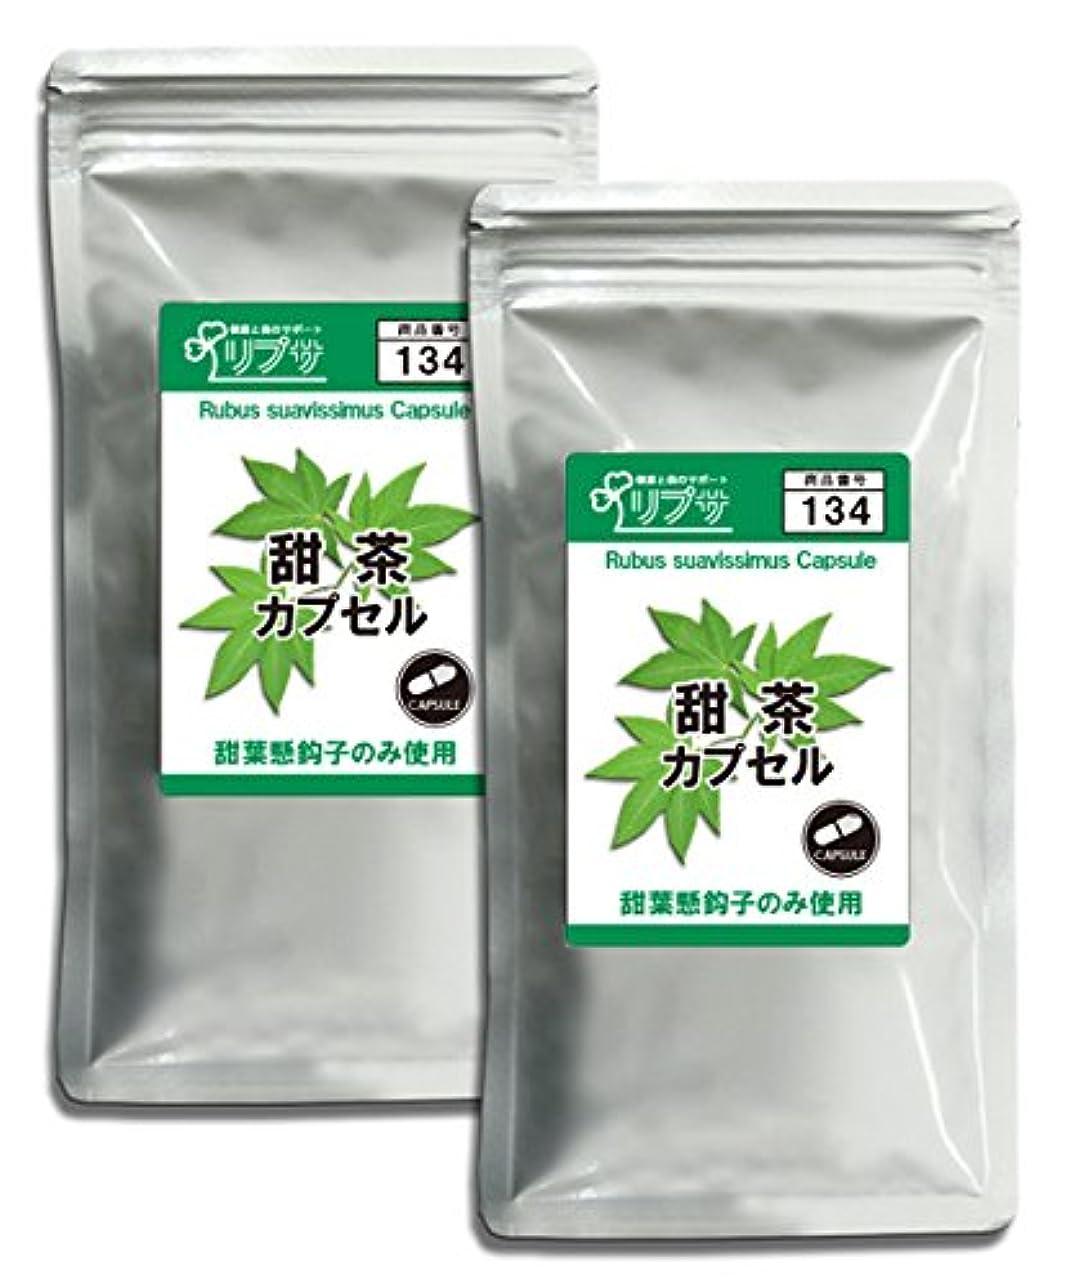 召集する液化する衣類純甜茶カプセル 約3か月分×2袋 C-134-2